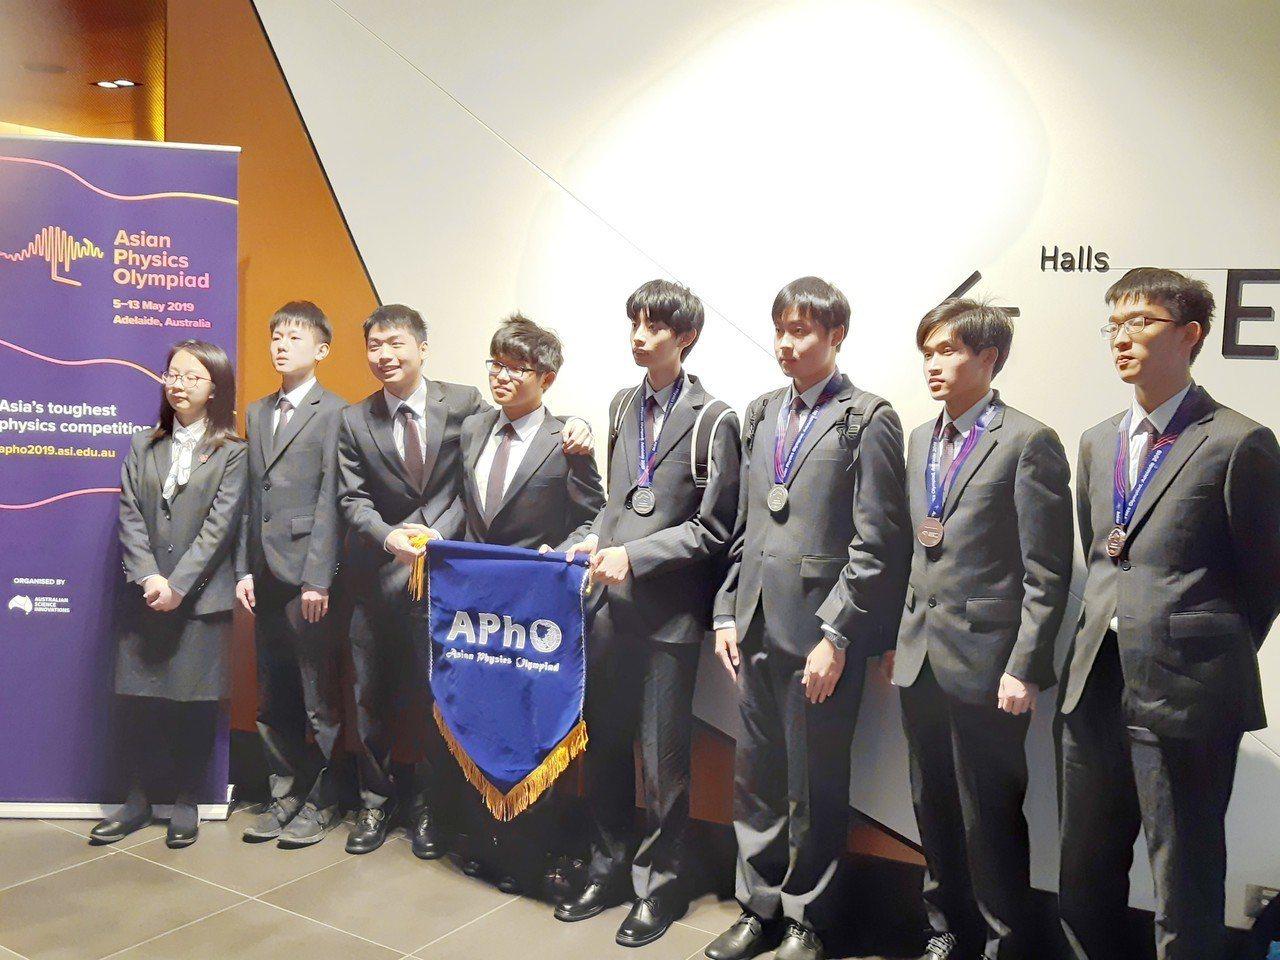 第20屆亞洲物理奧林匹亞競賽今天在澳洲公布結果,我國在27國、166名參賽學生中...